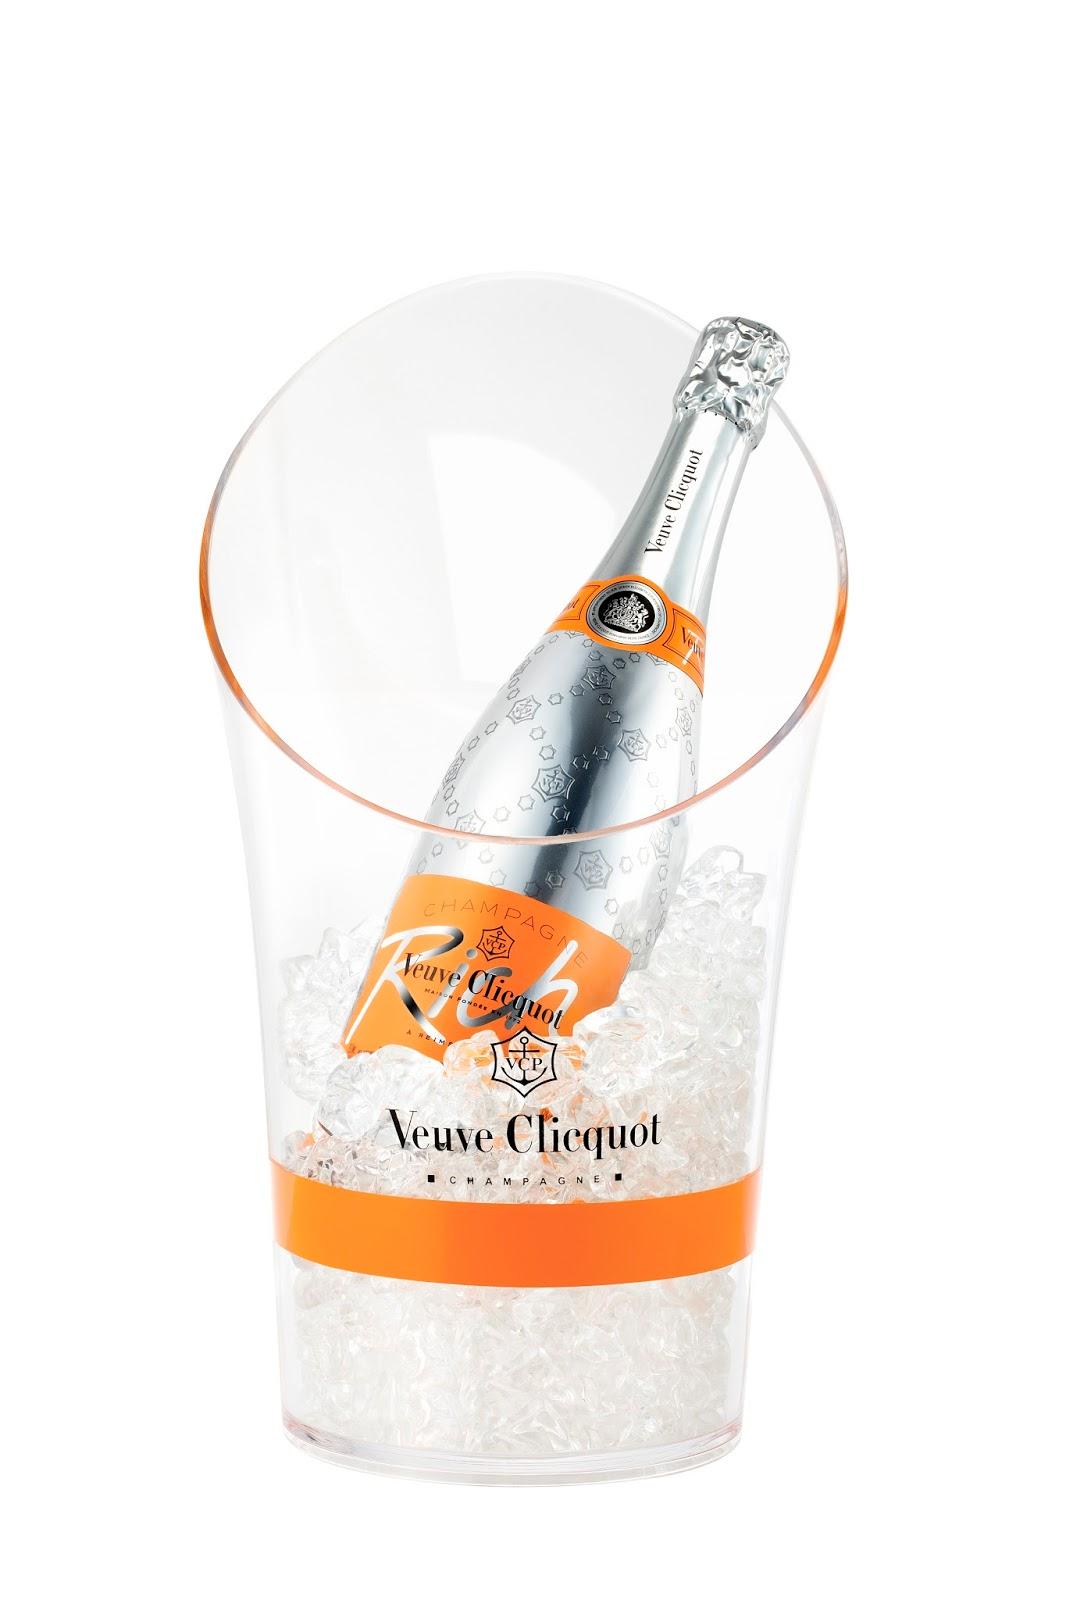 Classic champagne coupe glasses home decorating ideas interior design - Coupe champagne veuve clicquot ...